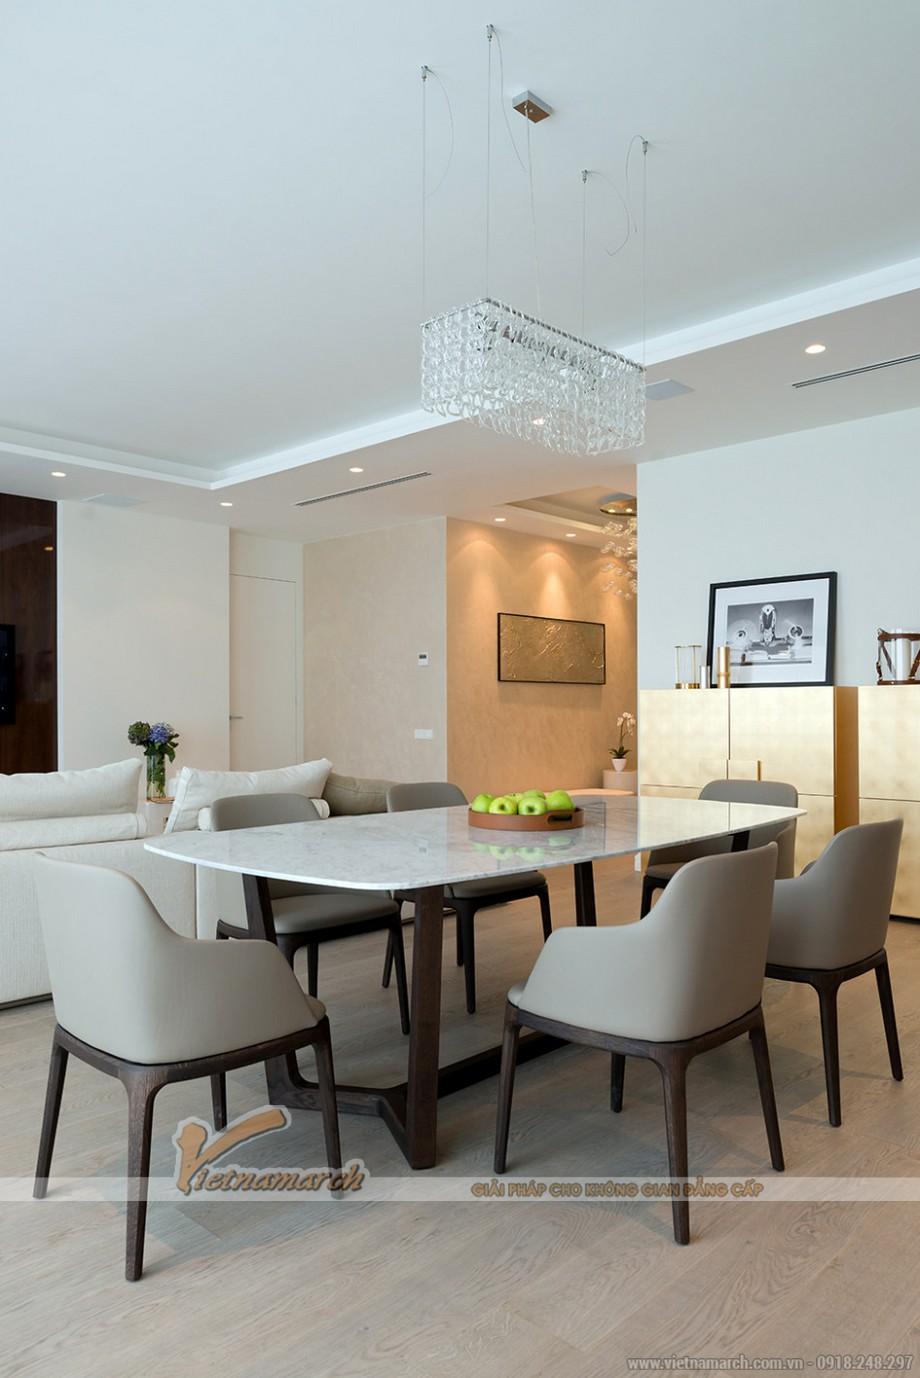 Nội thất phòng ăn đẹp với bộ bàn ghế ăn hiện đại